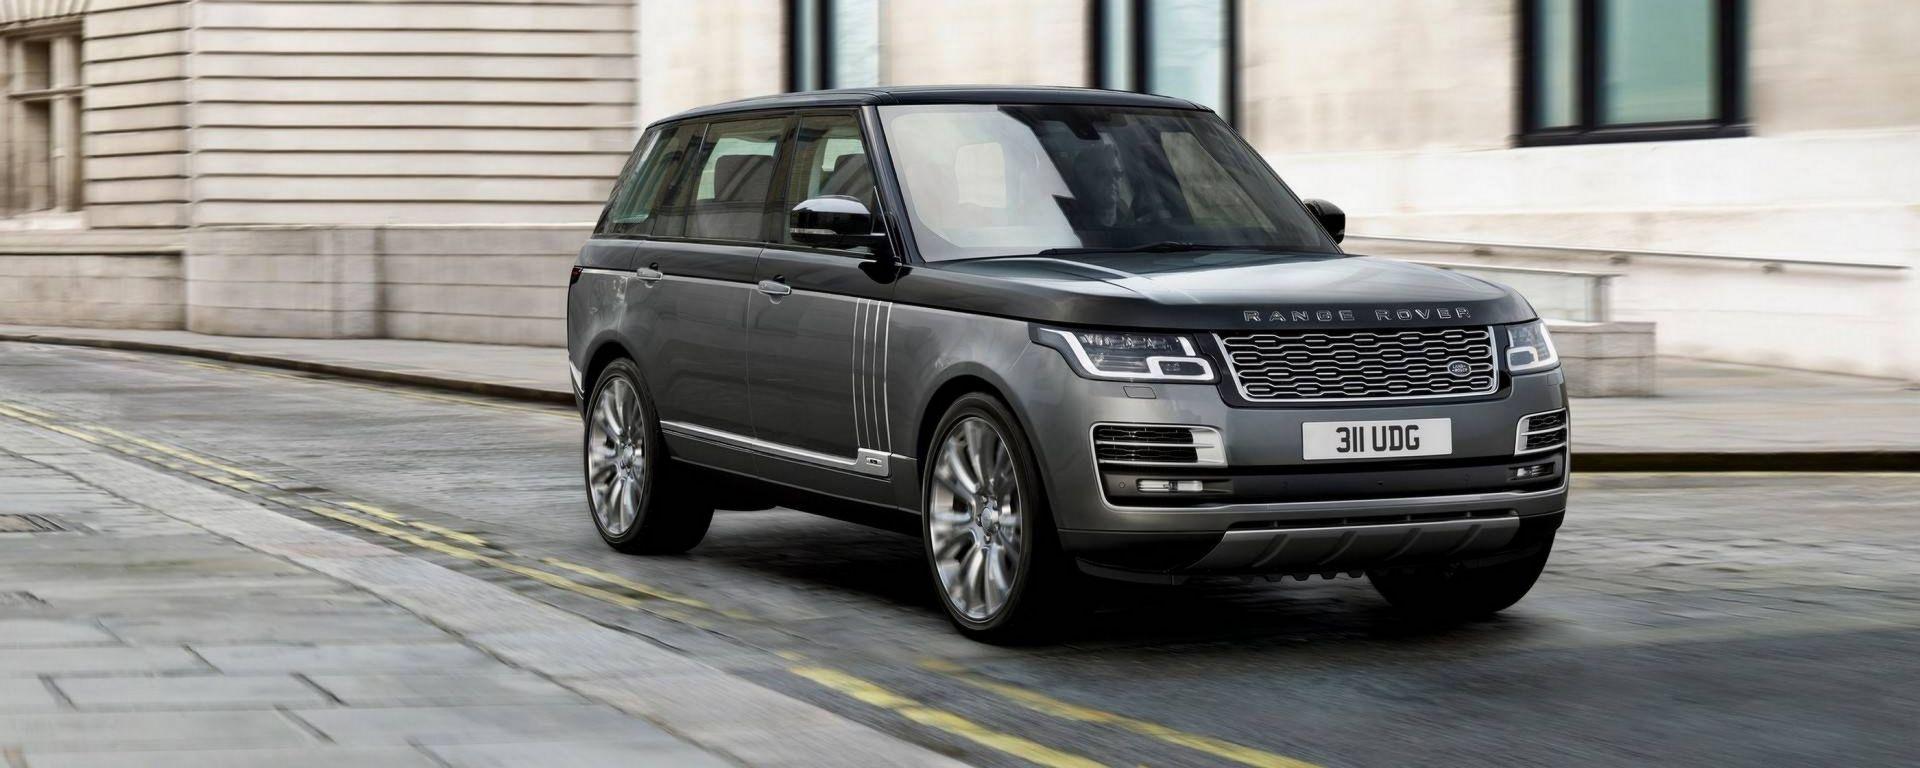 Range Rover SVAutobiography: tutto il lusso che c'è